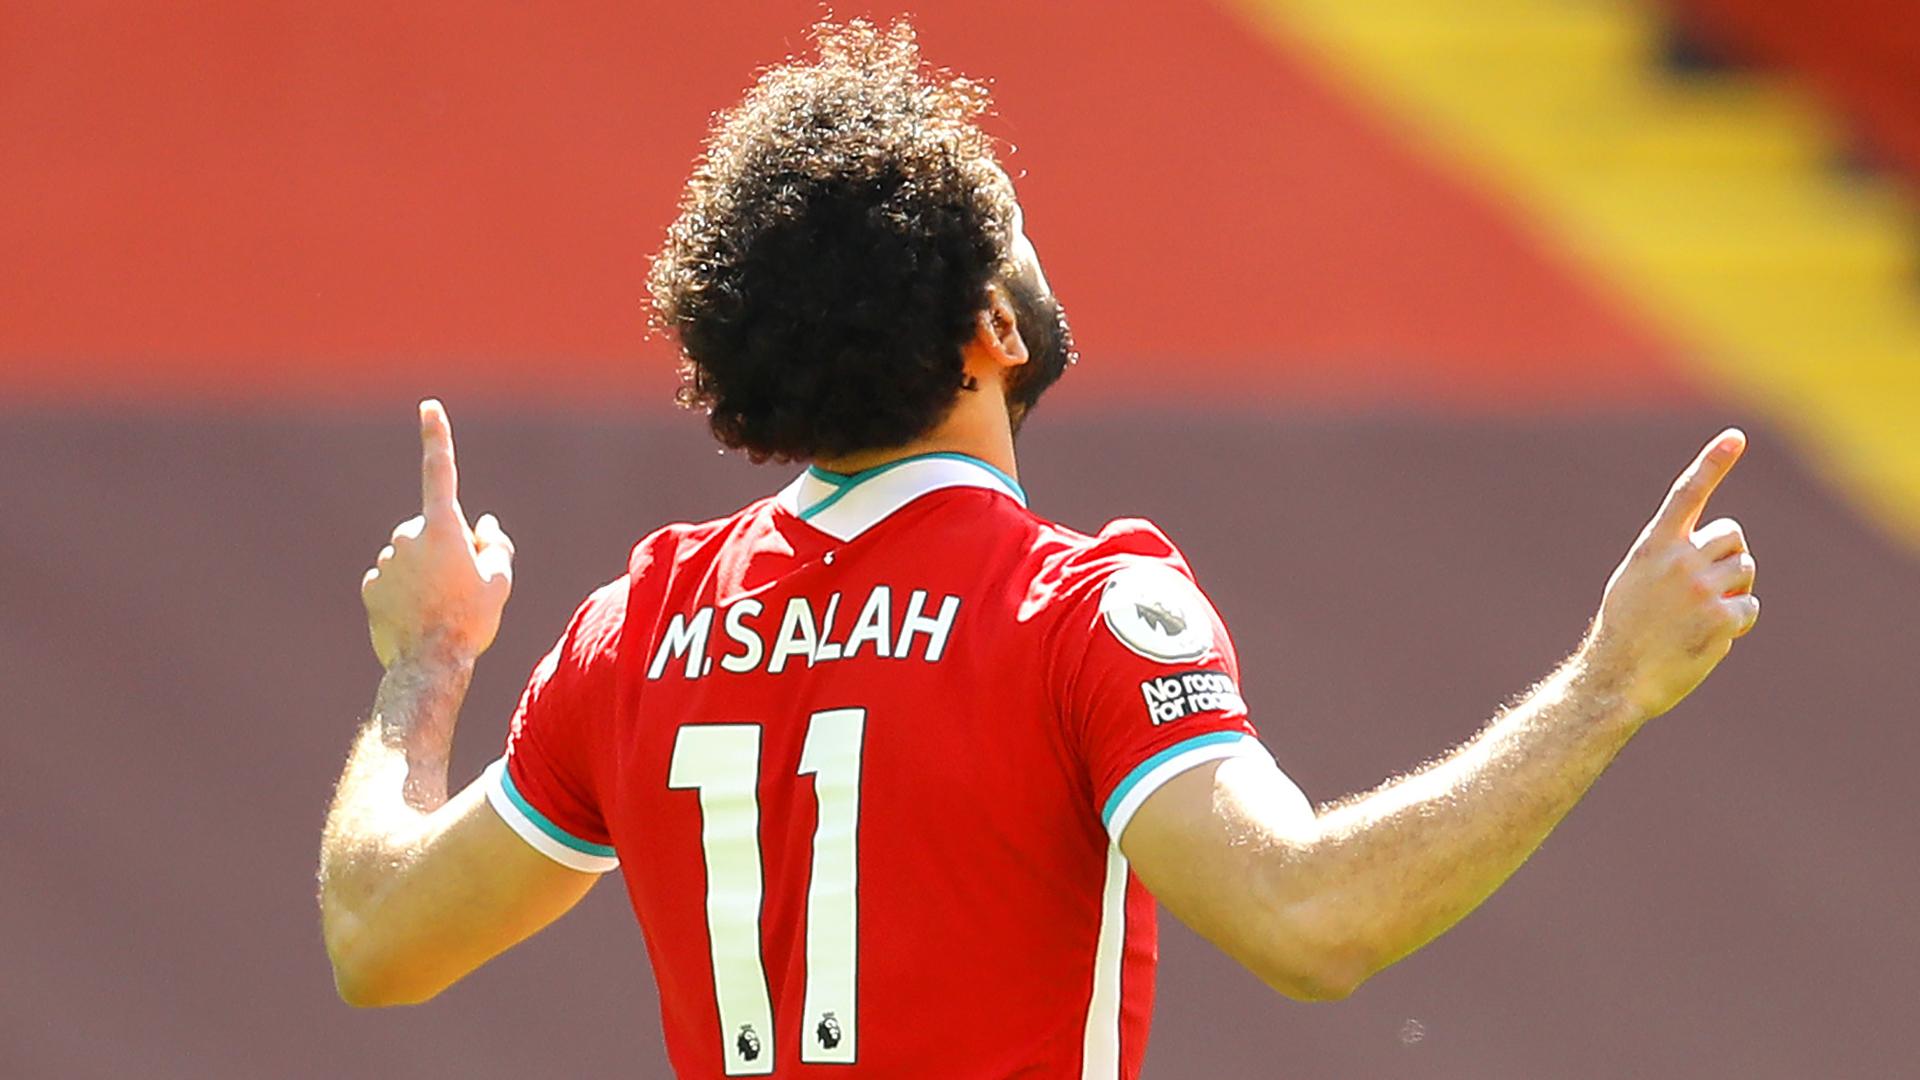 Liverpool's Salah 'very proud' after claiming Laureus Sporting Inspiration award